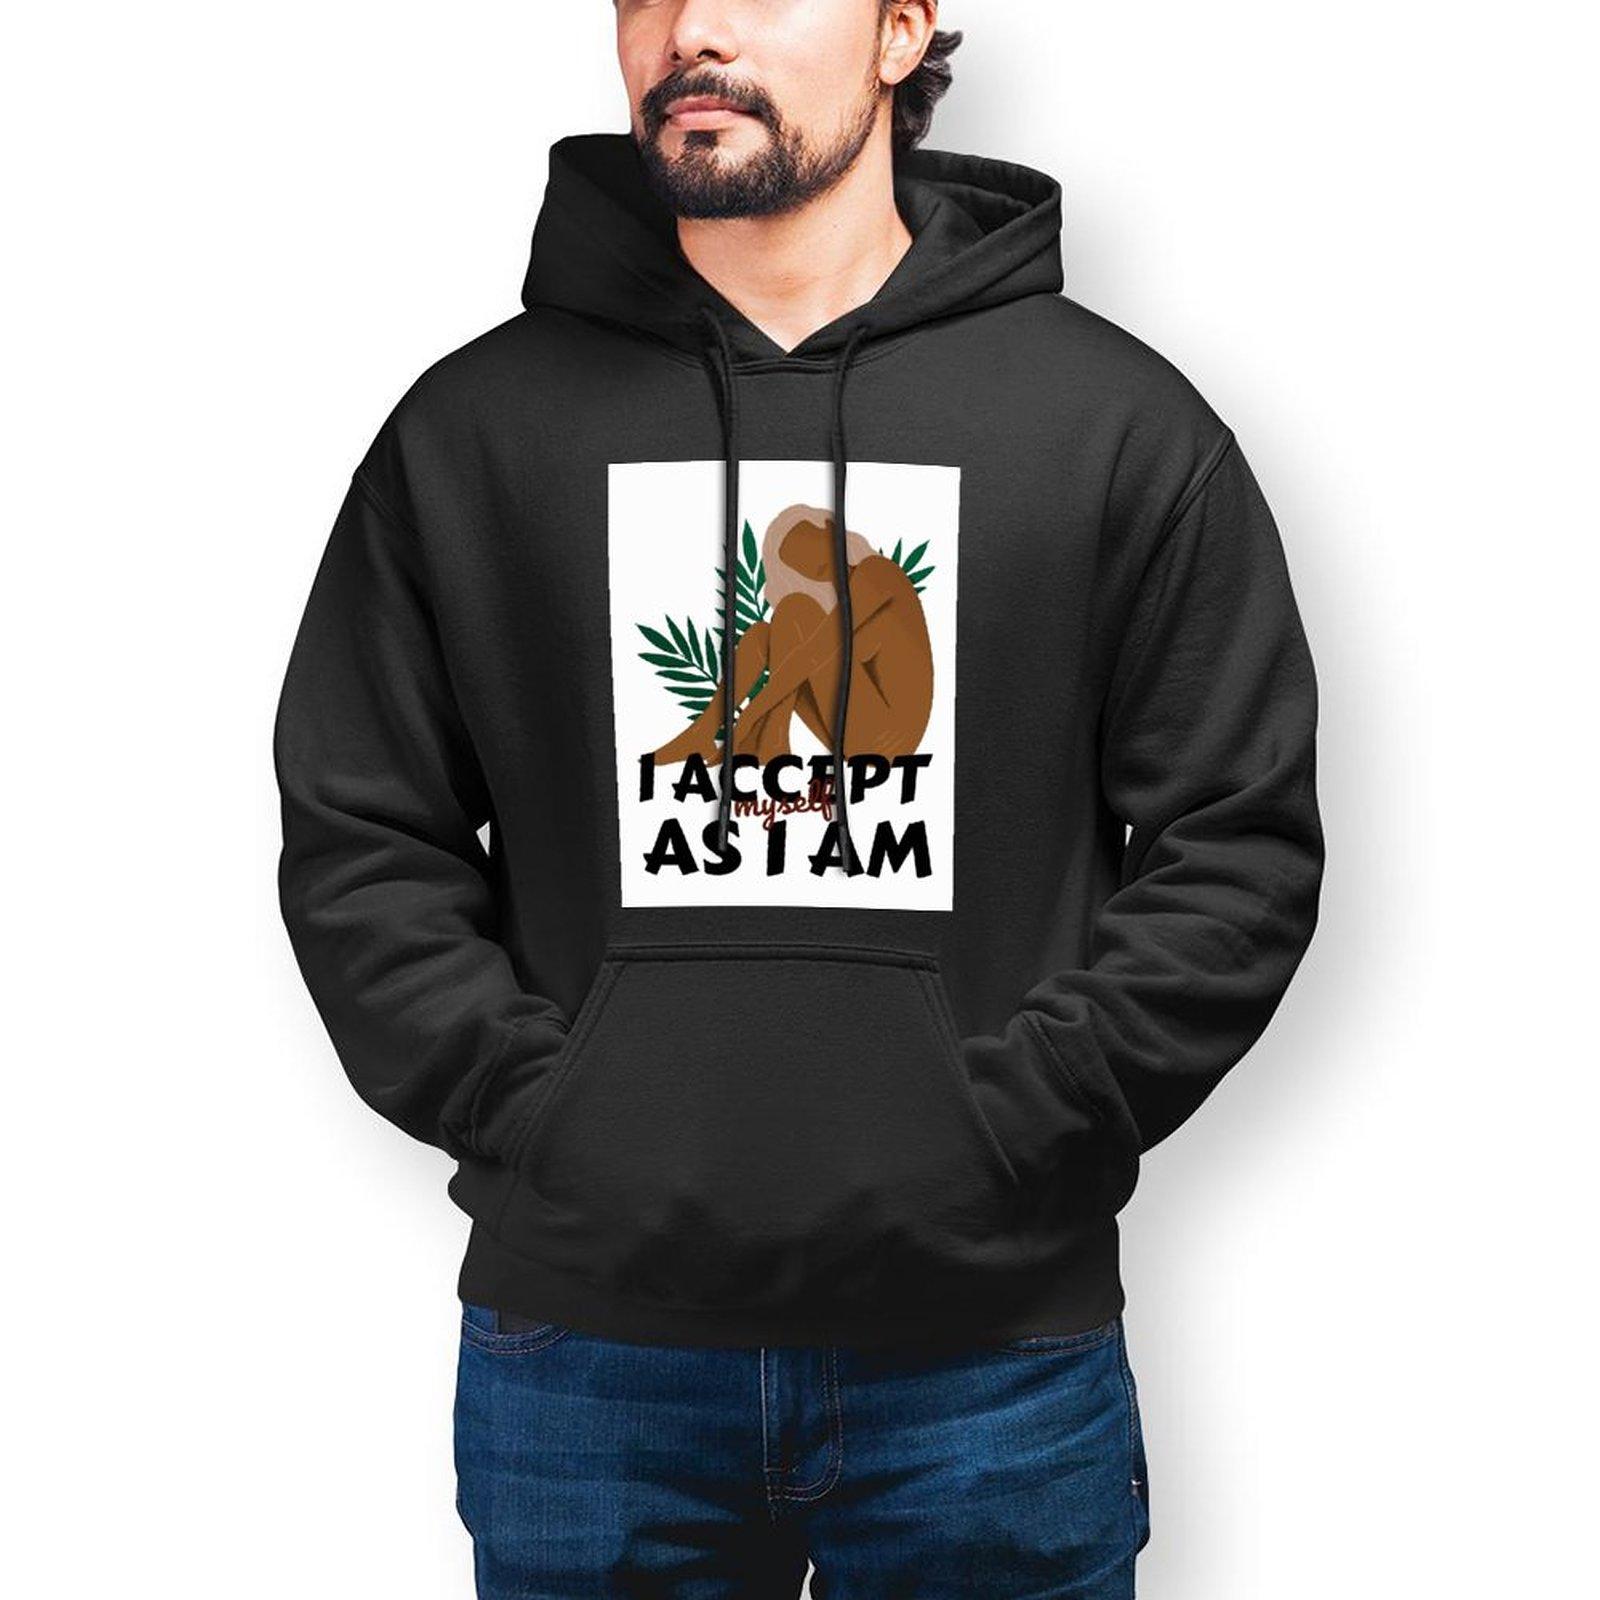 Толстовка с капюшоном, популярные длинные хлопковые толстовки, мужские осенние свободные пуловеры с капюшоном, большие размеры